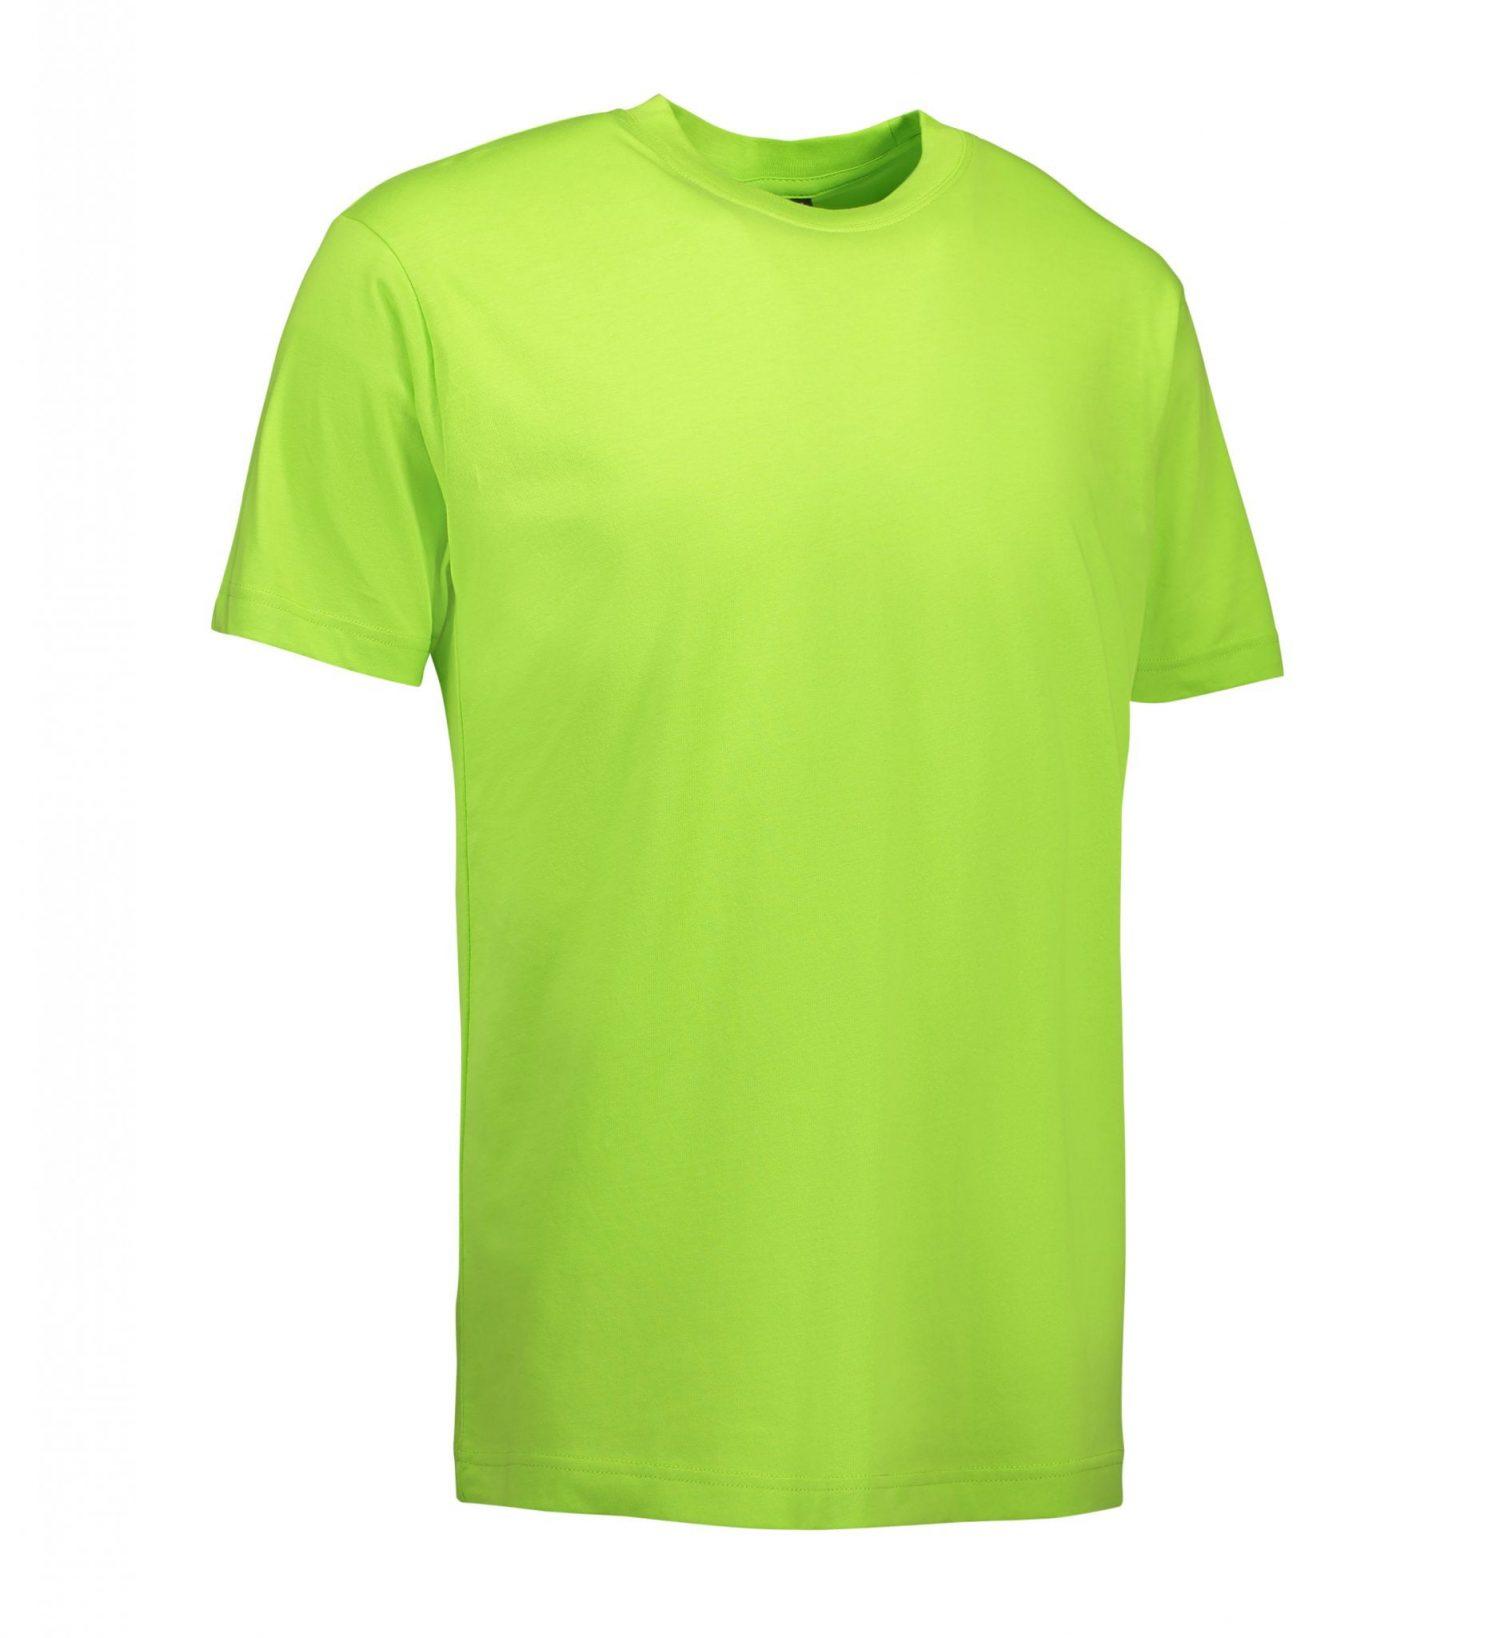 ID Klassisk T-shirt med rund hals fire lags halsrib og nakke og skulderbånd herre lime